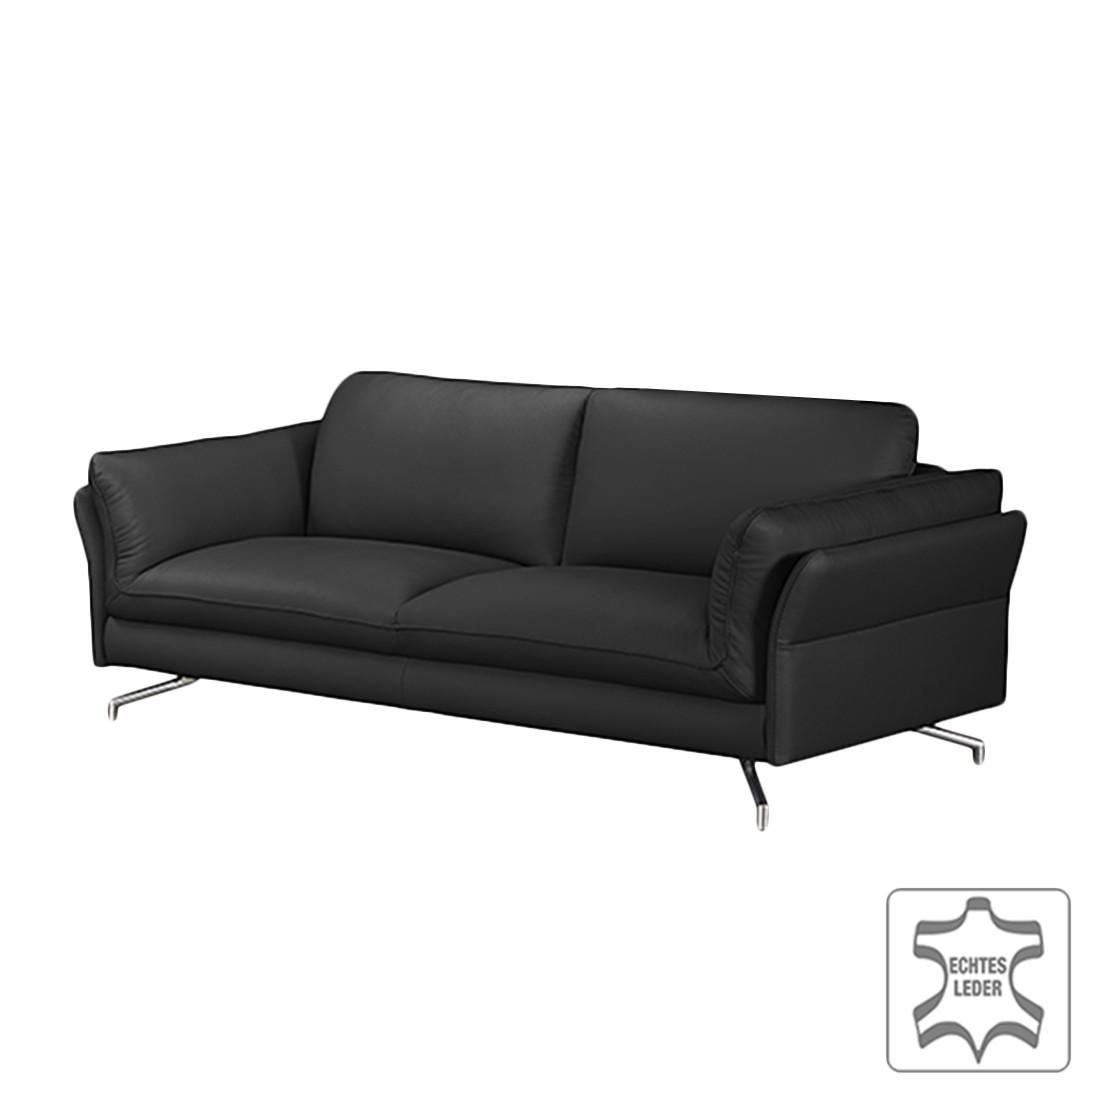 sofa enrico 2 sitzer echtleder schwarz ohne kopfst tze loftscape g nstig. Black Bedroom Furniture Sets. Home Design Ideas